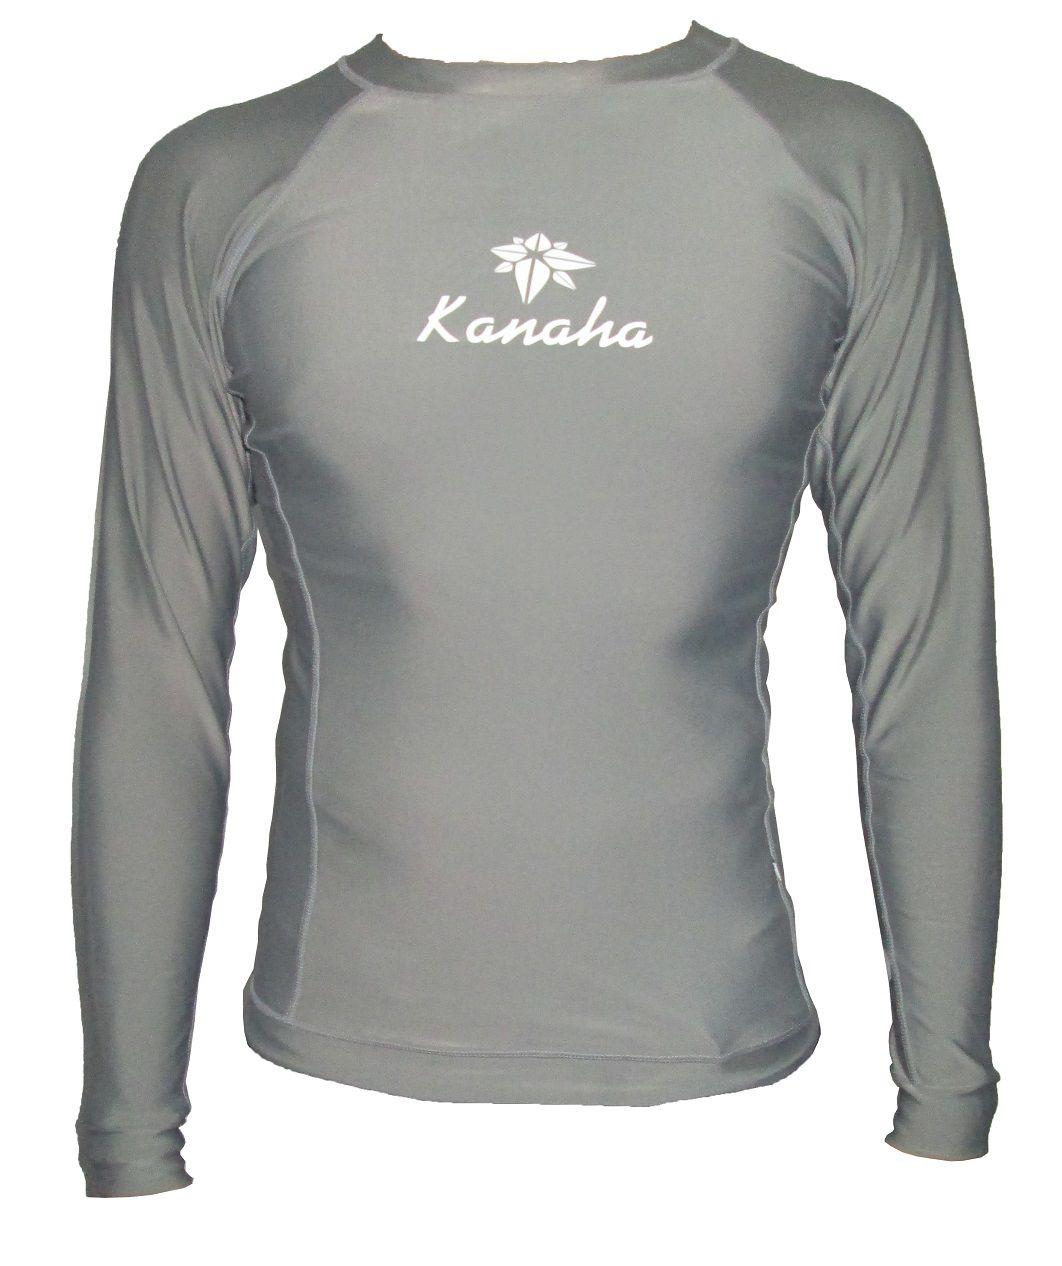 Camisa de Lycra Kanaha manga longa cinza